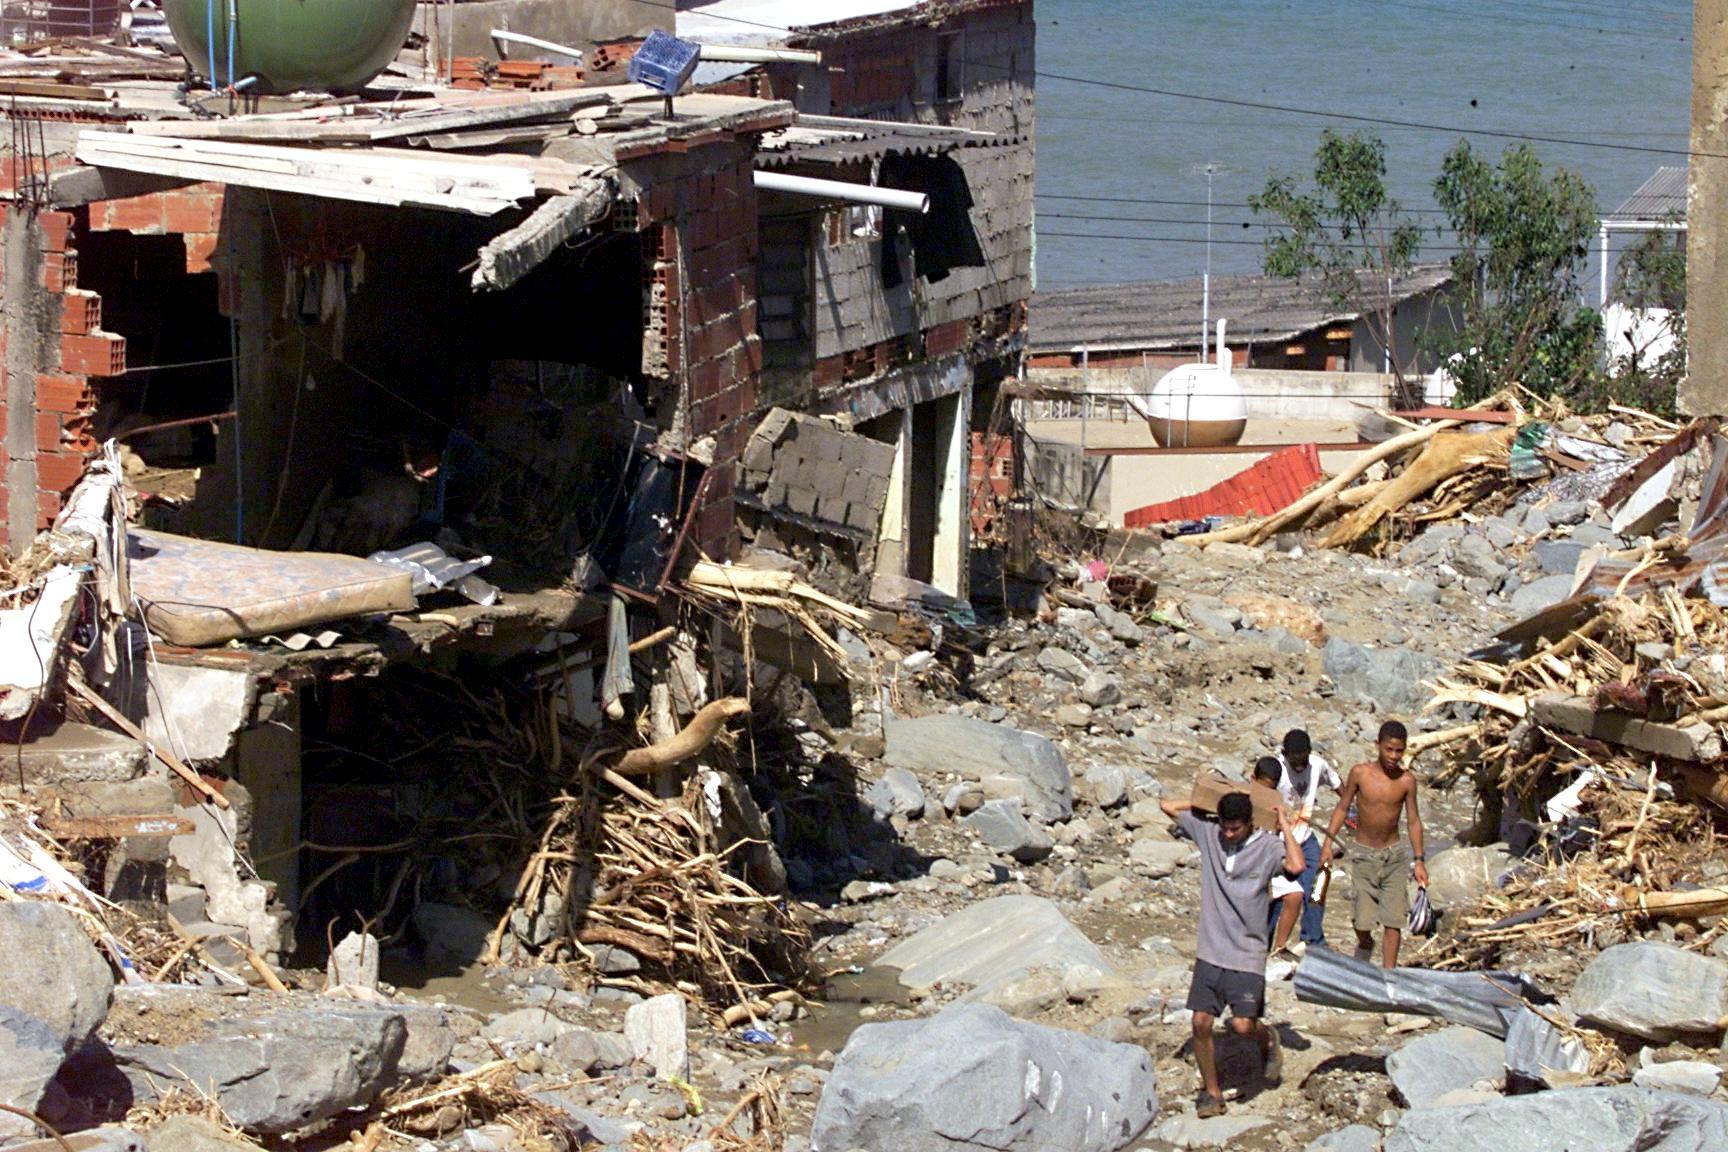 Des habitants marchent parmi les débris à La Guaria (Venezuela) le 19 décembre 1999 après d\'importantes inondations.